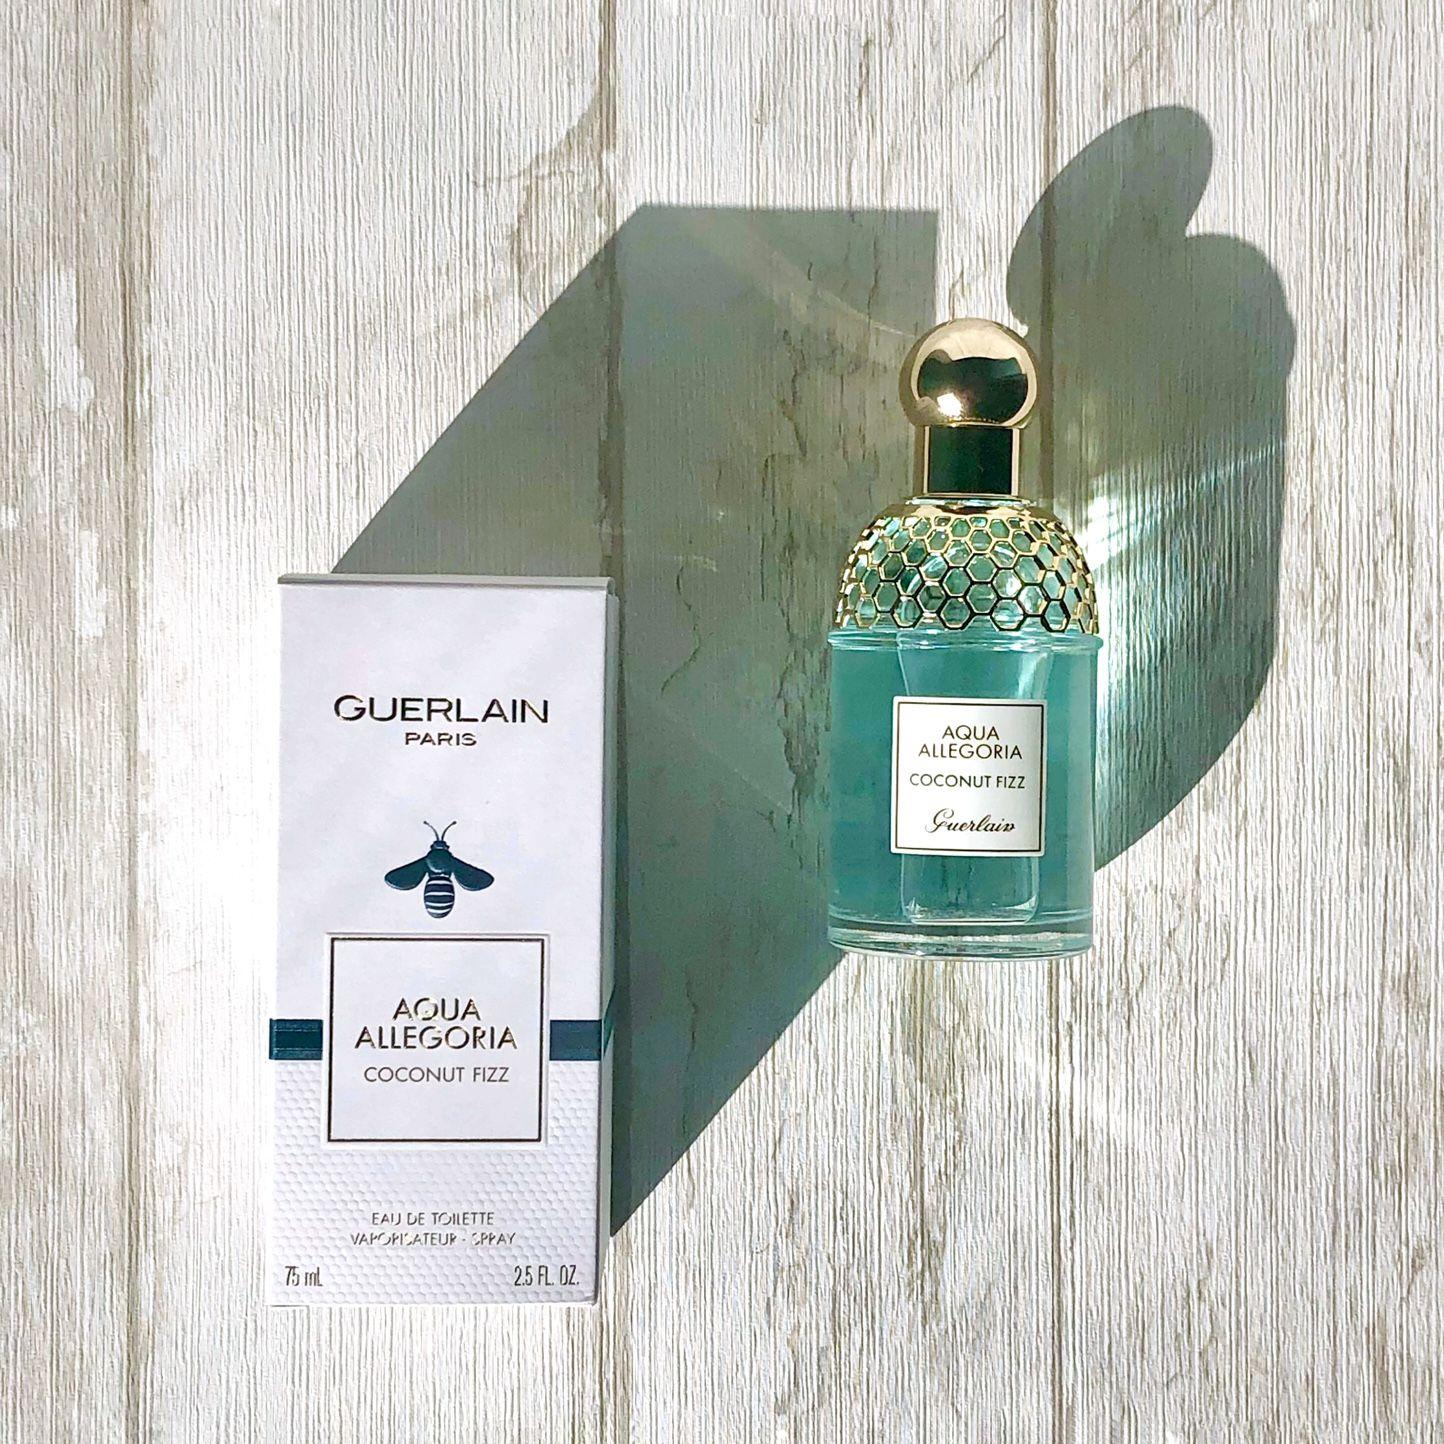 Aqua Allegoria Coconut Fizz de Guerlain